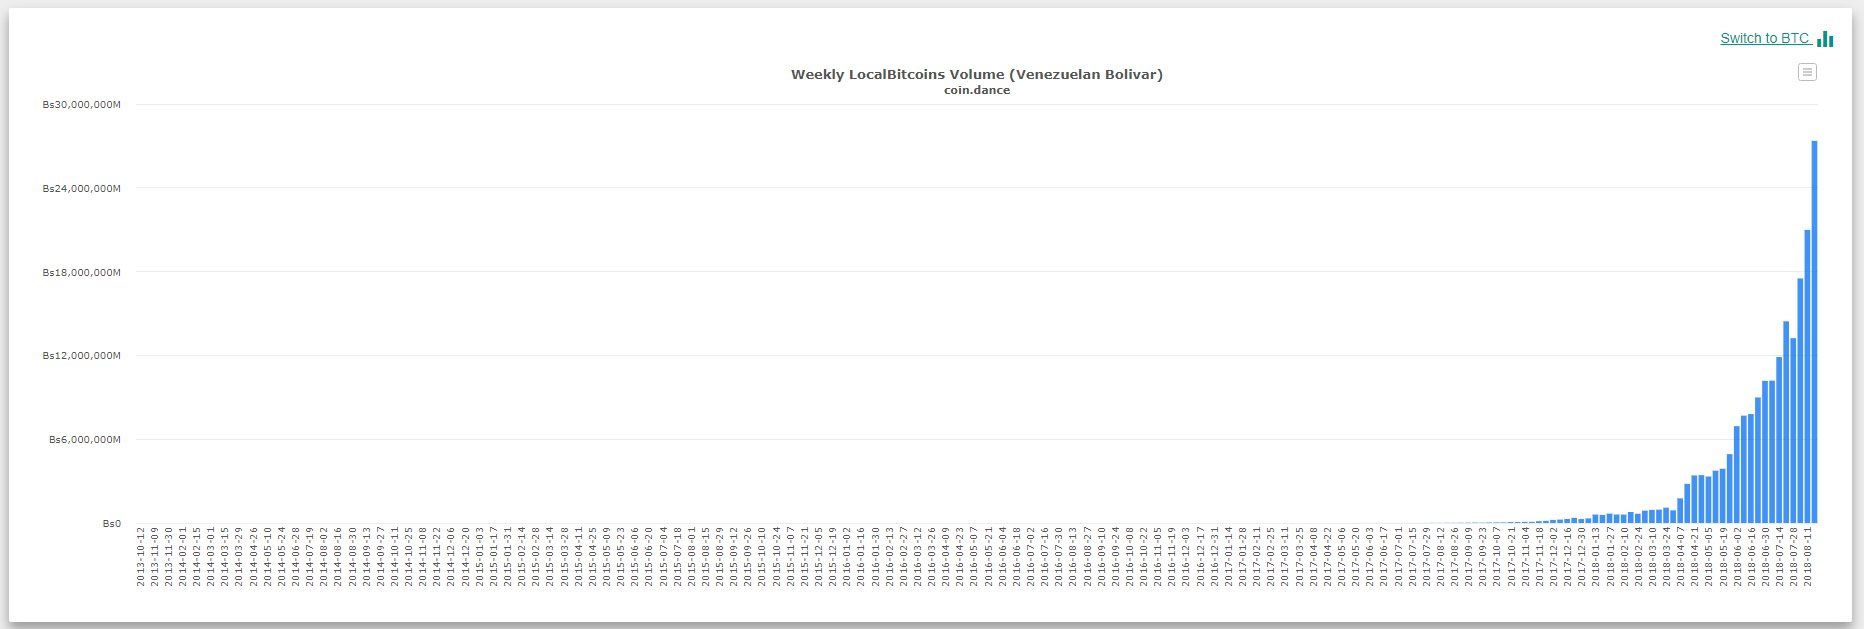 De handel in bitcoins gemeten in Bolivars maakt de inflatie pijnlijk zichtbaar.